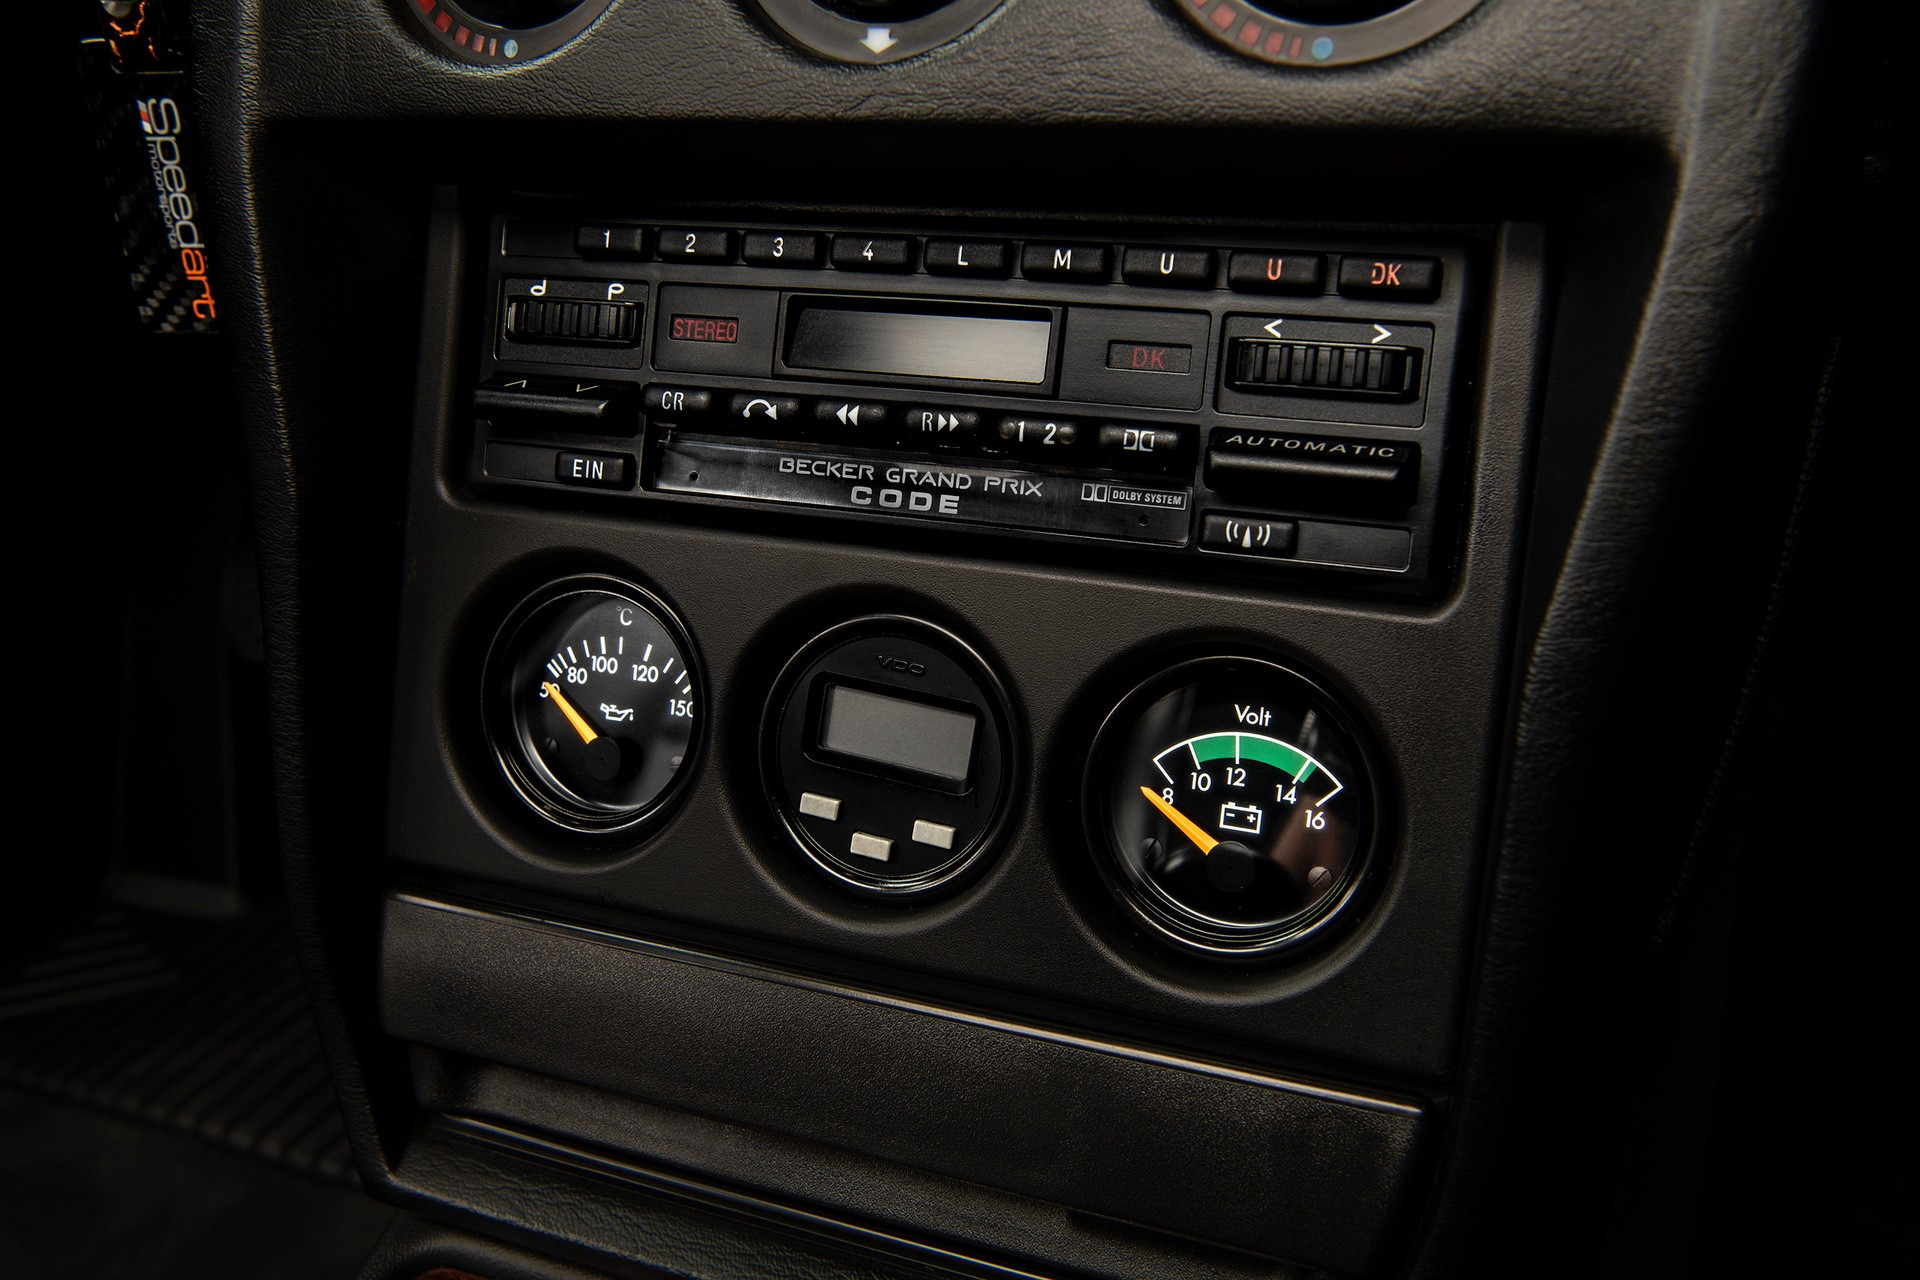 1990_Mercedes_Benz_190E_25-16_Evolution_II_sales_0022